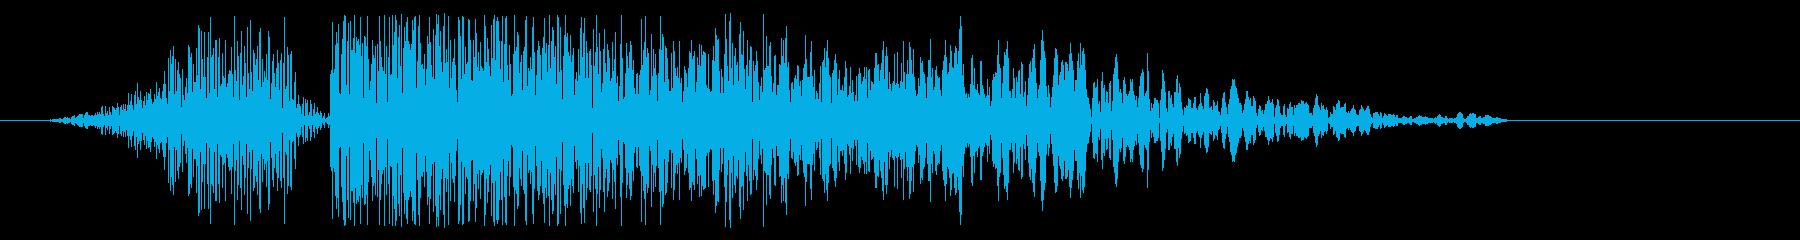 バシィッ(平手打ち・強)の再生済みの波形